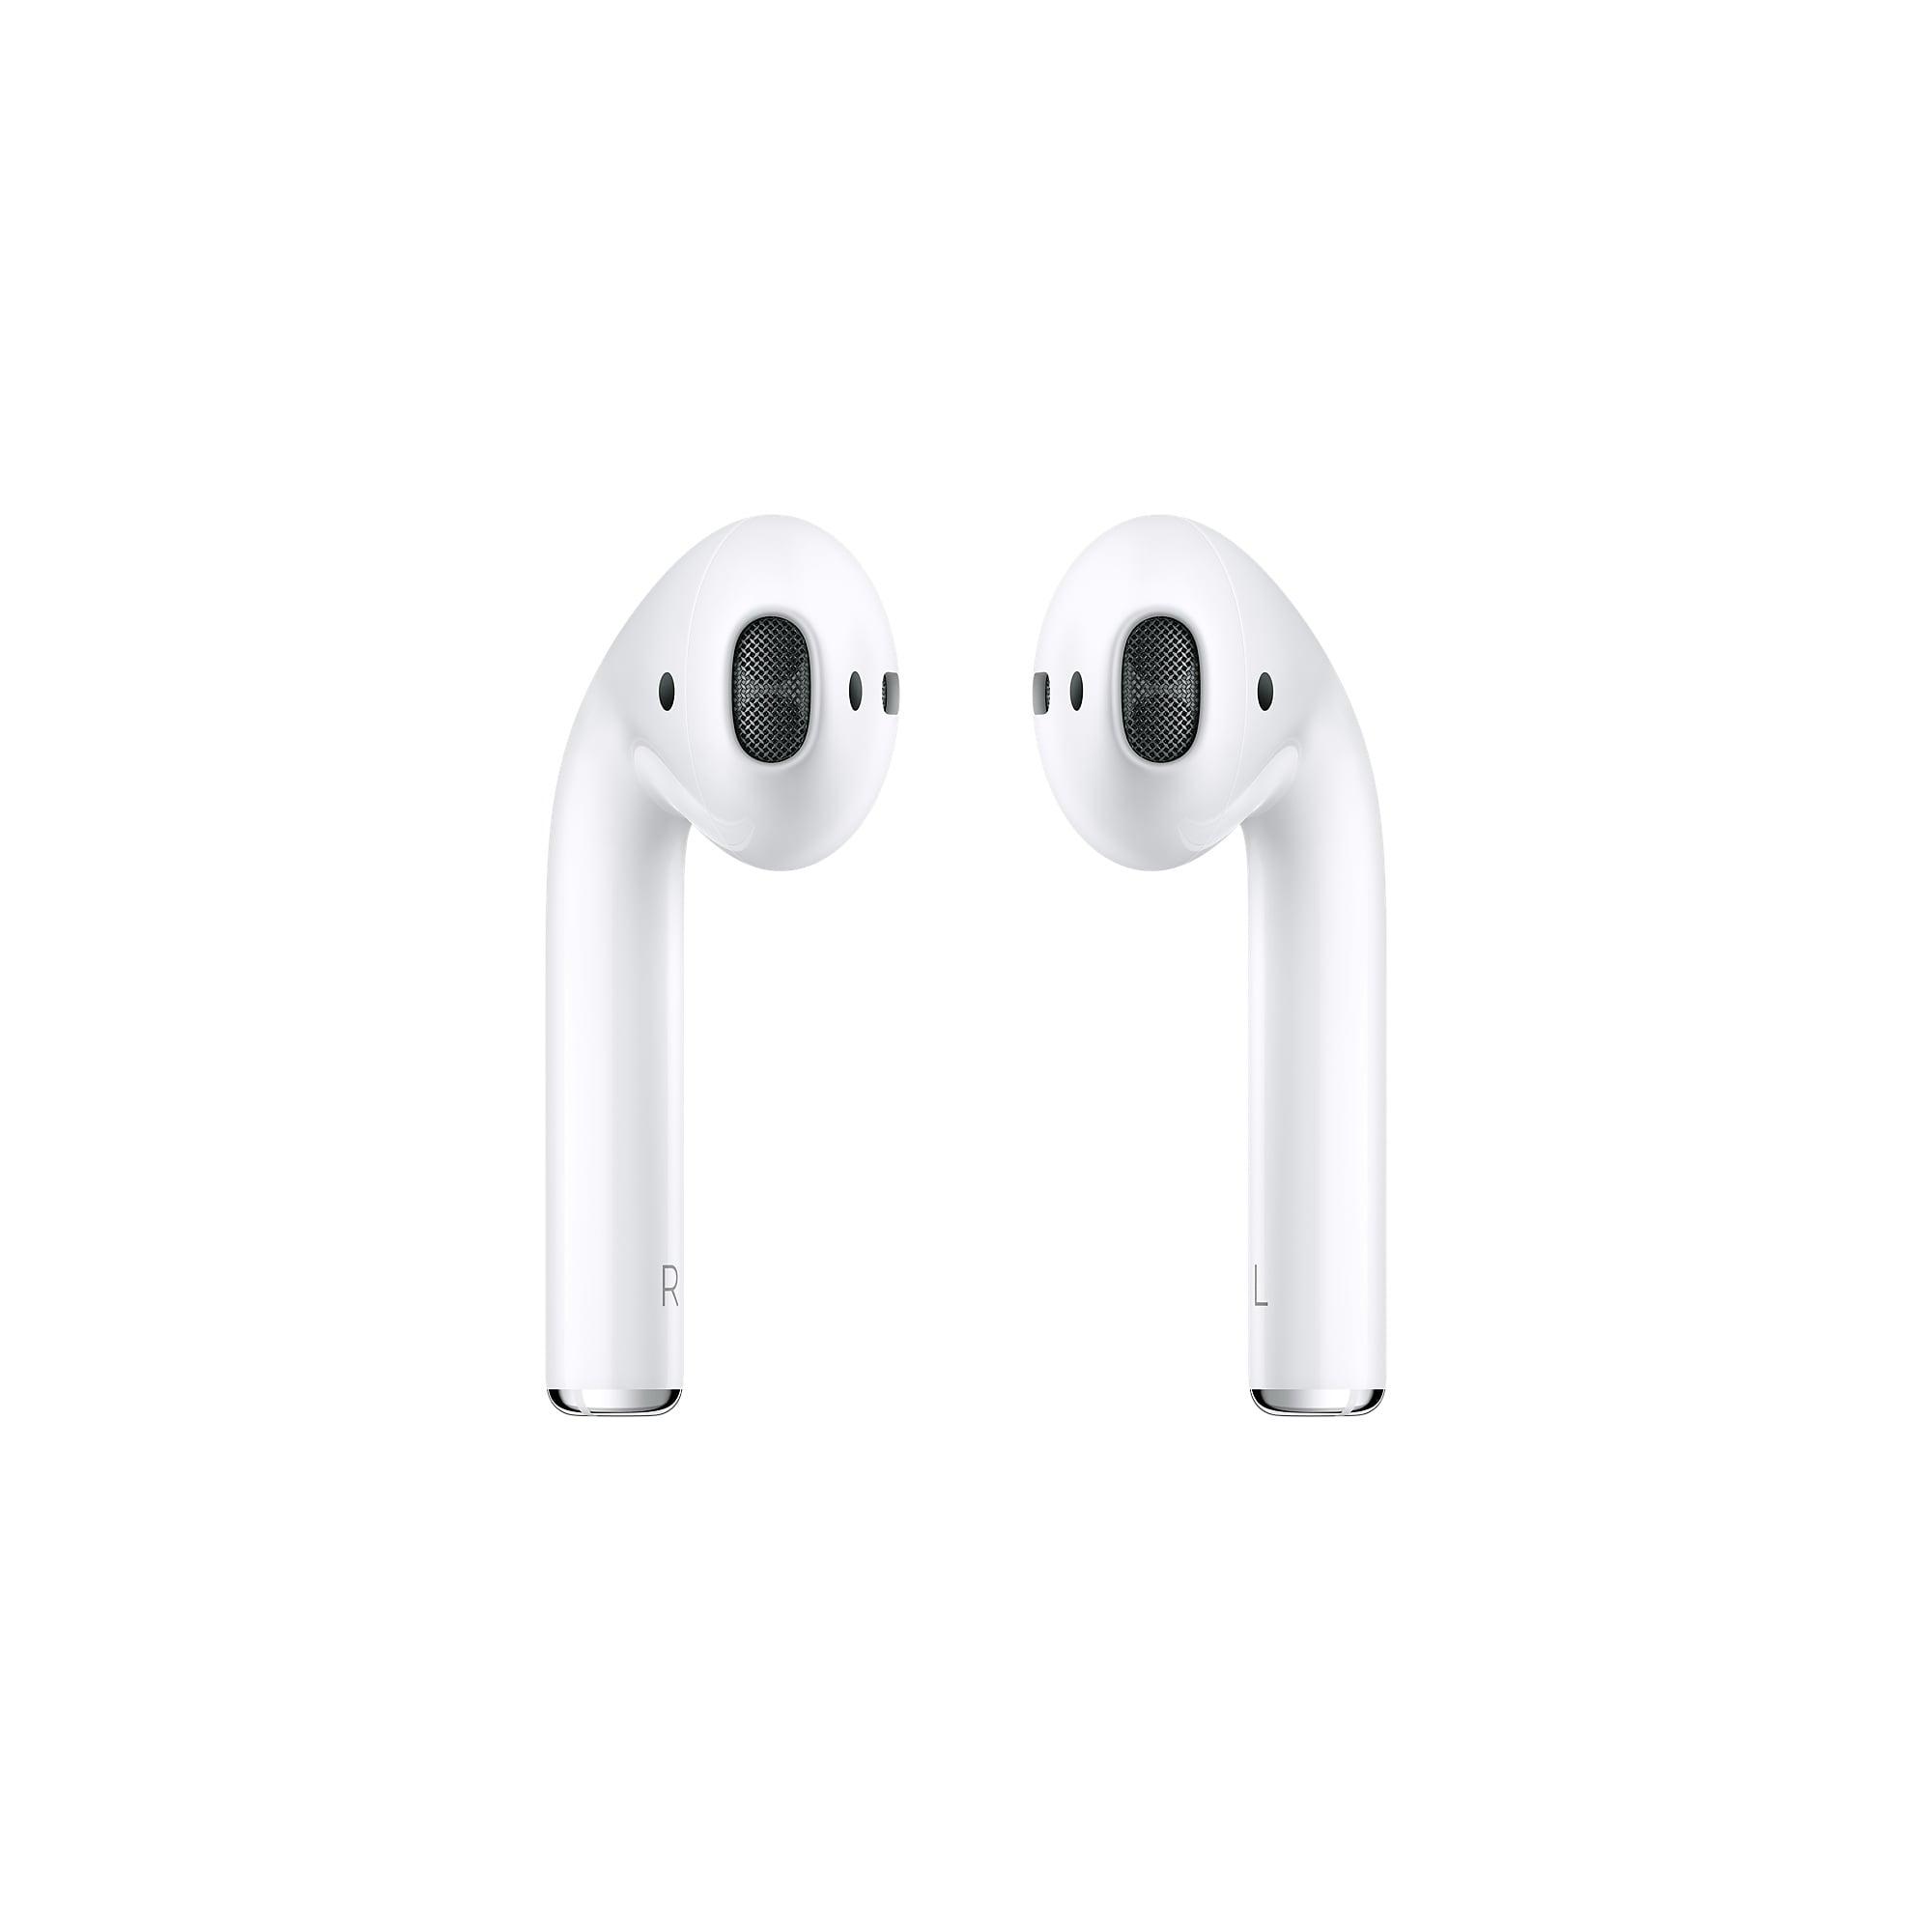 Aktualizacja iOS 12.2 w wersji beta sugeruje, że premiera słuchawek Apple AirPods 2 może być już blisko 18